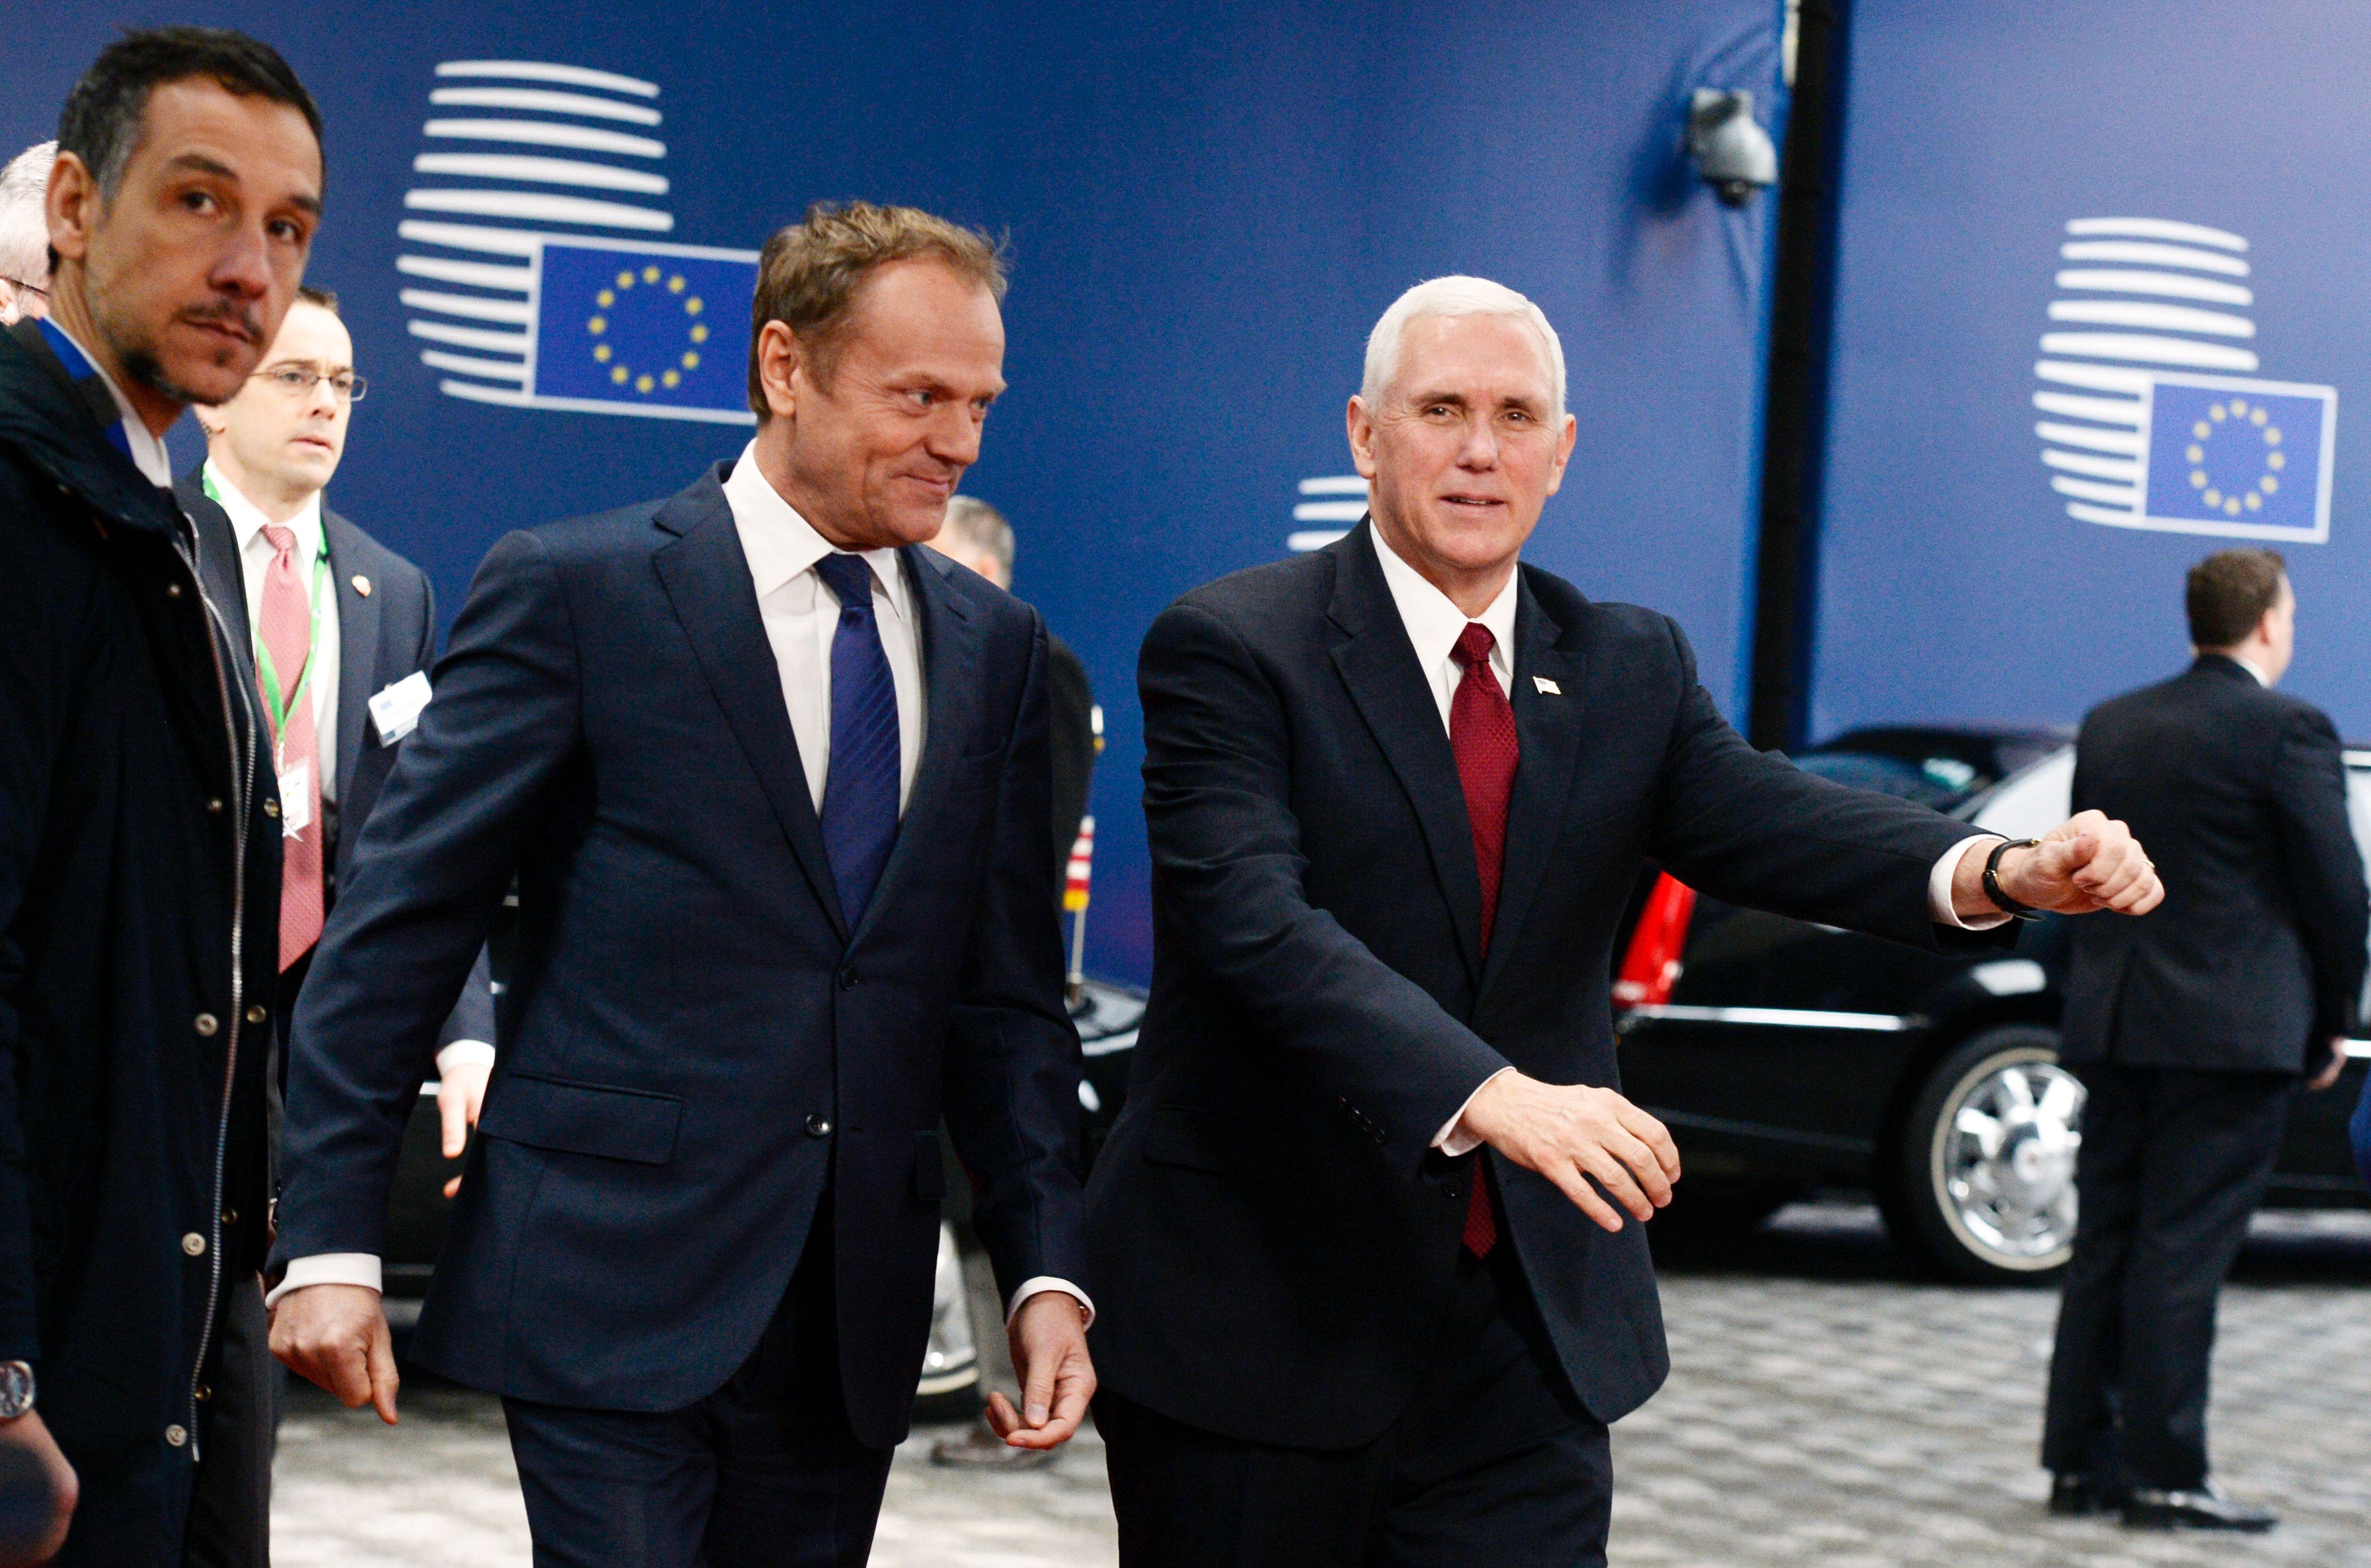 El vicepresidente estadounidense, Mike Pence (d), camina junto al presidente del Consejo Europeo, Donald Tusk antes de su reunión en Bruselas. (Crédito: THIERRY CHARLIER/AFP/Getty Images)